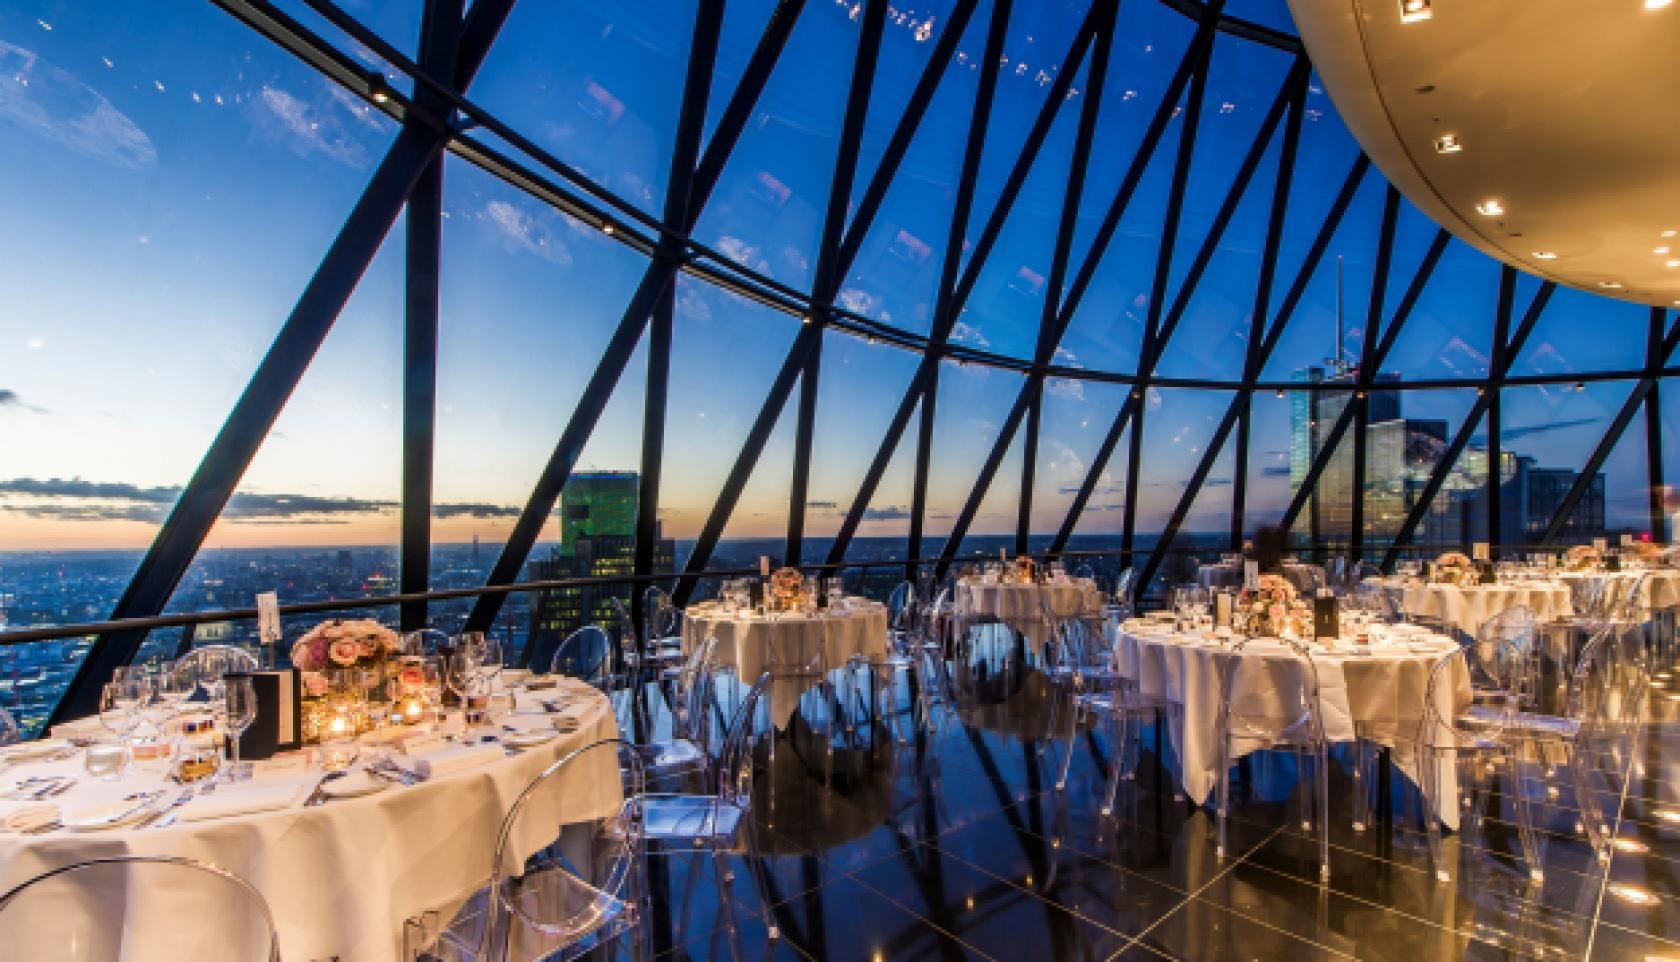 Αποτέλεσμα εικόνας για Searcys collection to showcase event spaces and creative catering